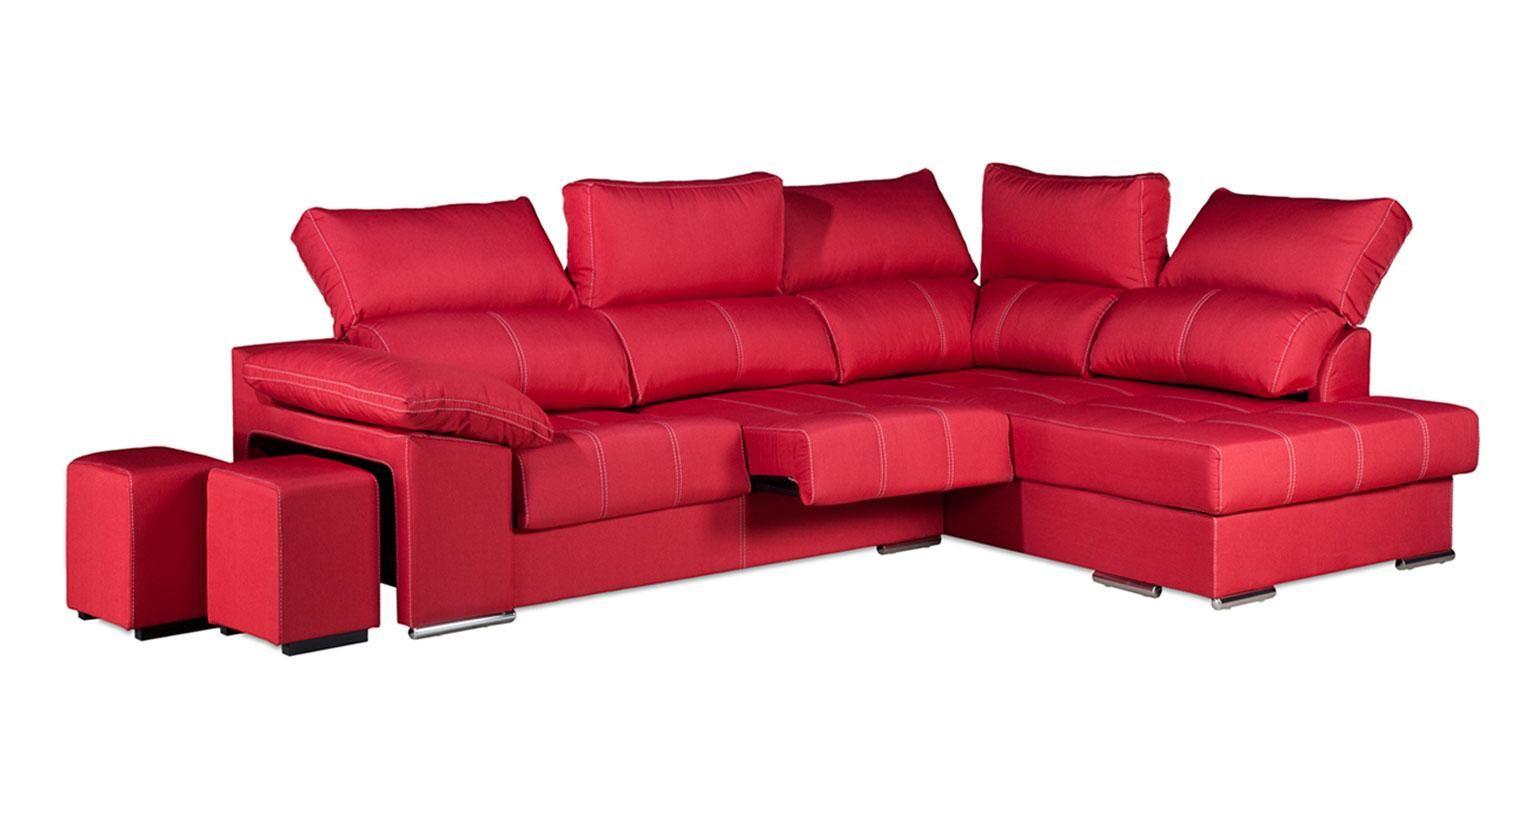 Comprar chaise longue duplo sofa 3 plazas microfibra mozart for Sofas baratos asturias